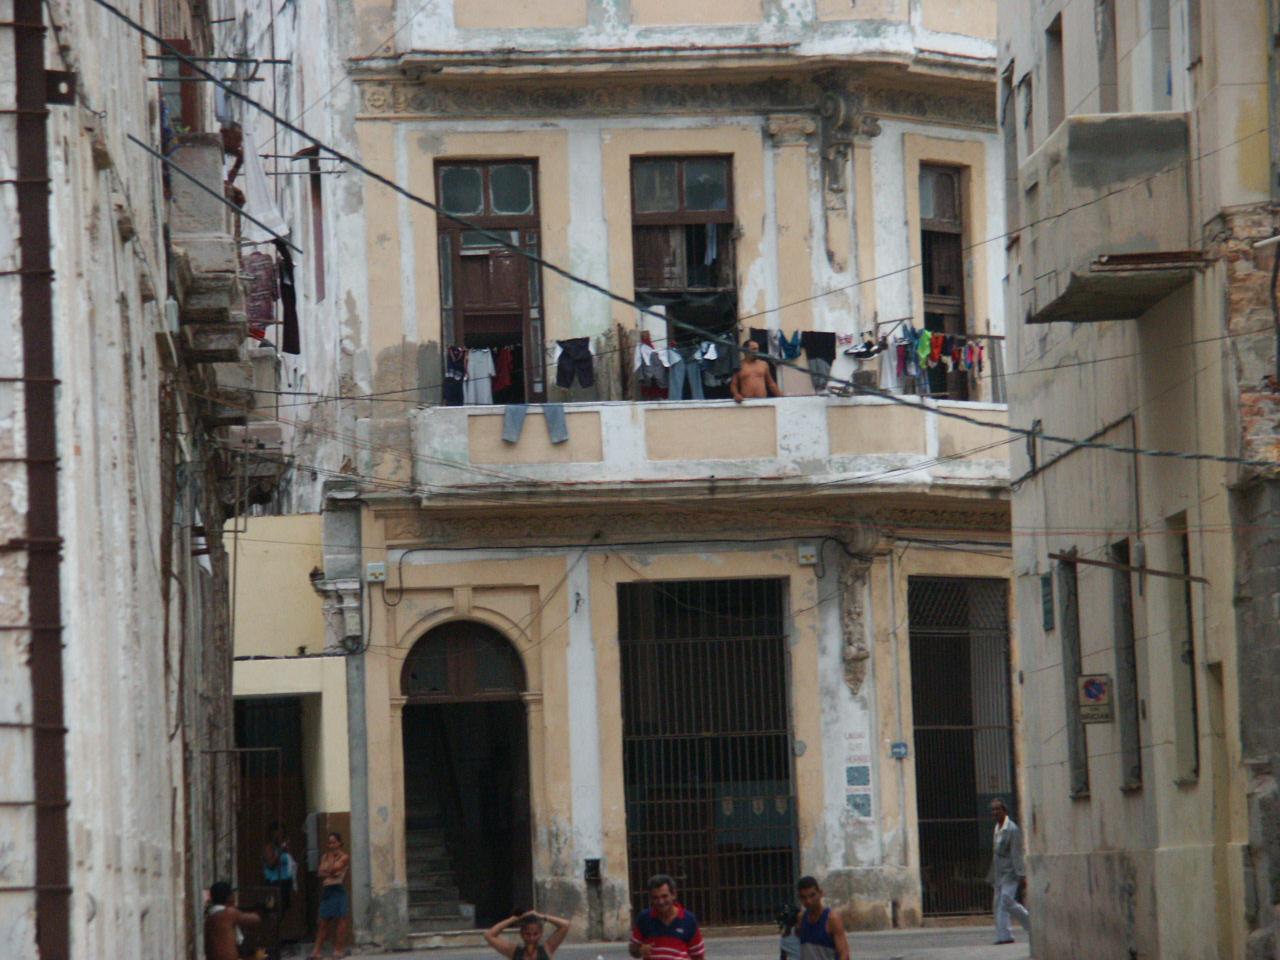 CUBA EN FOTOS - Página 4 413838993_784d1bafd9_o